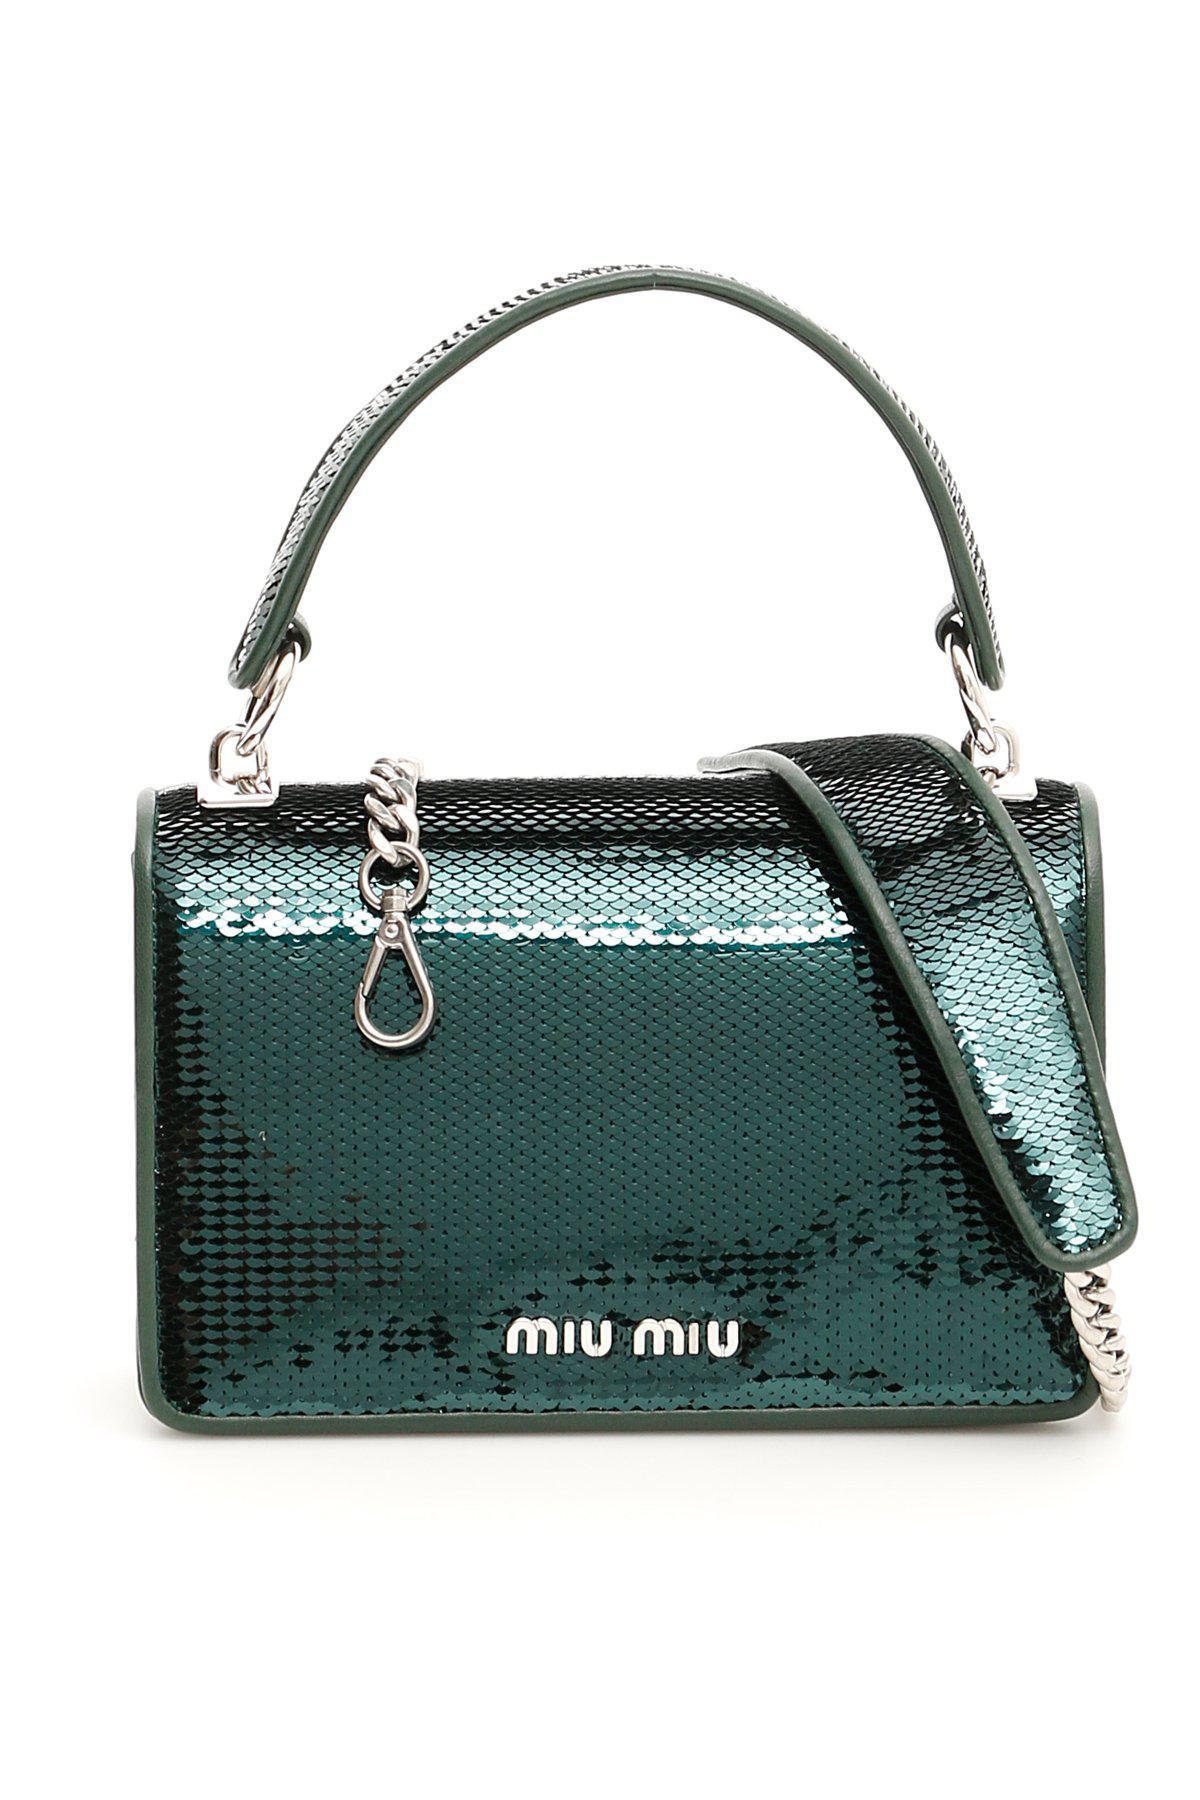 cdf2314a300a Miu Miu Sequin Mini Crossbody Bag in Green - Lyst